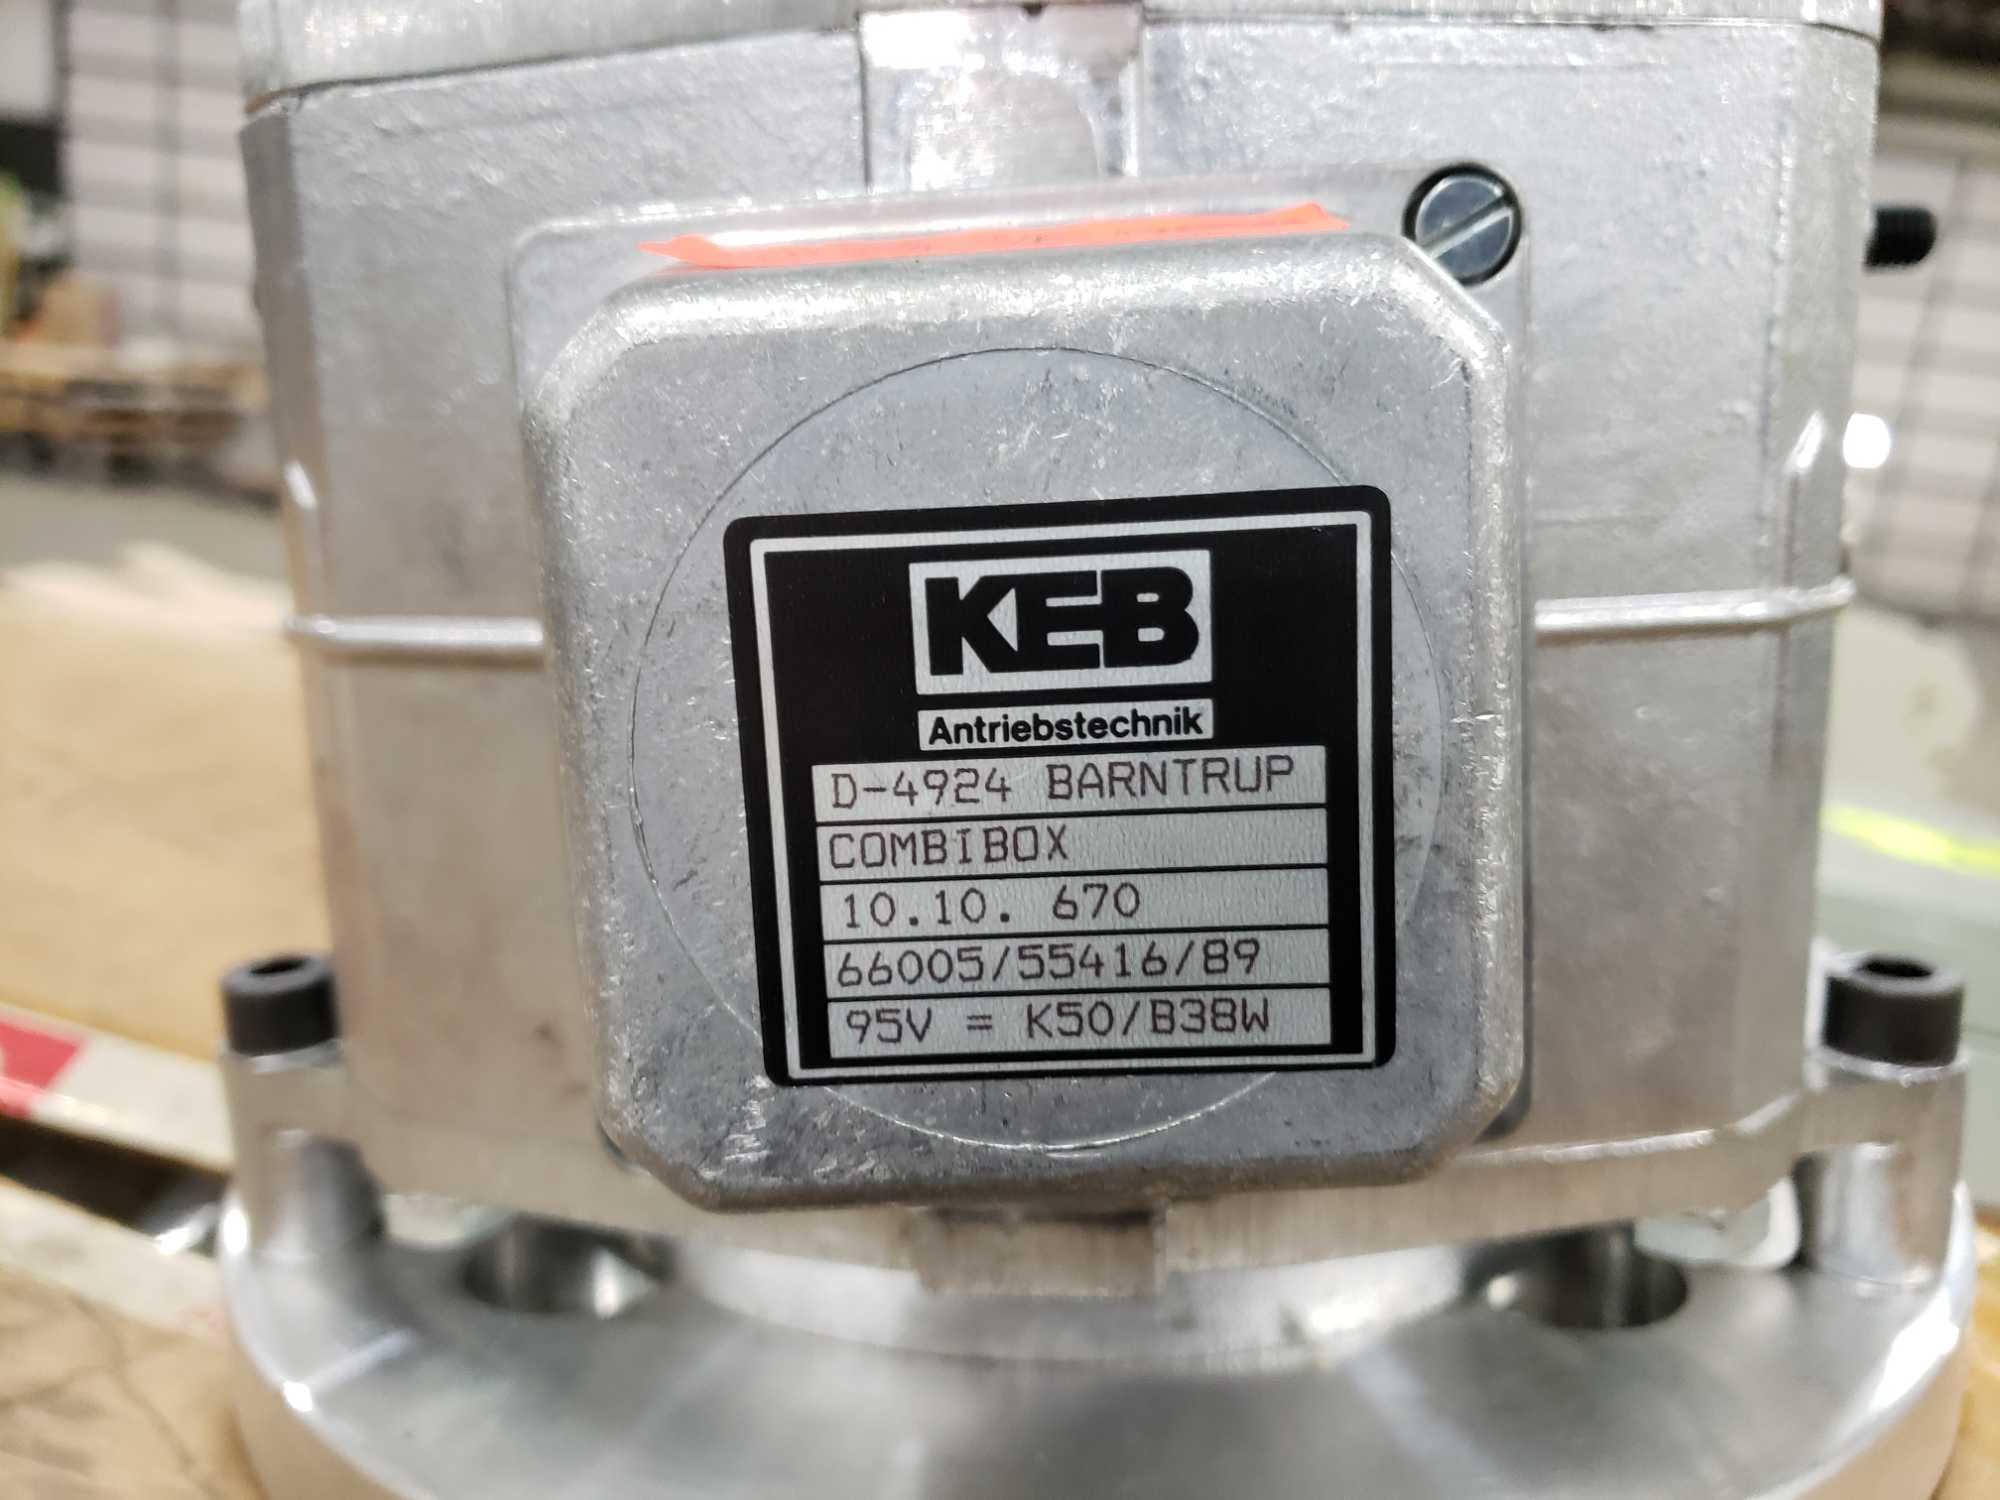 KEB Combibox model 10.10.670, 95vdc, input 215tc, output 215tc. New in box. - Image 2 of 4